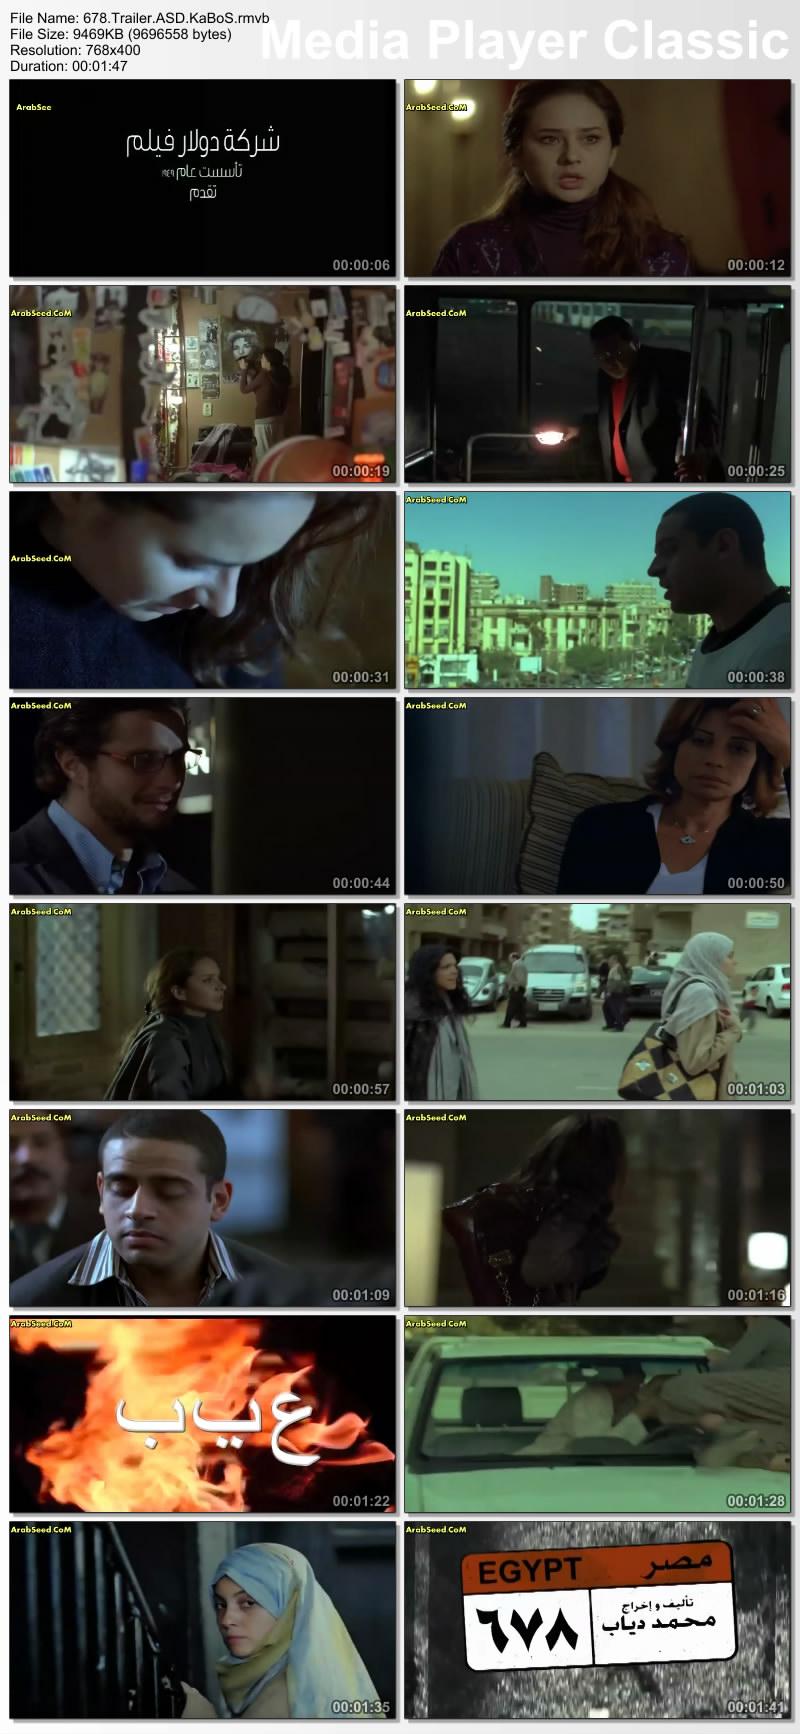 علان فيلم 678 الذى يحكى قصة التحرش الجنسى فى مصر بطوله نيللى كريم و بشرى تحميل مباشر  119